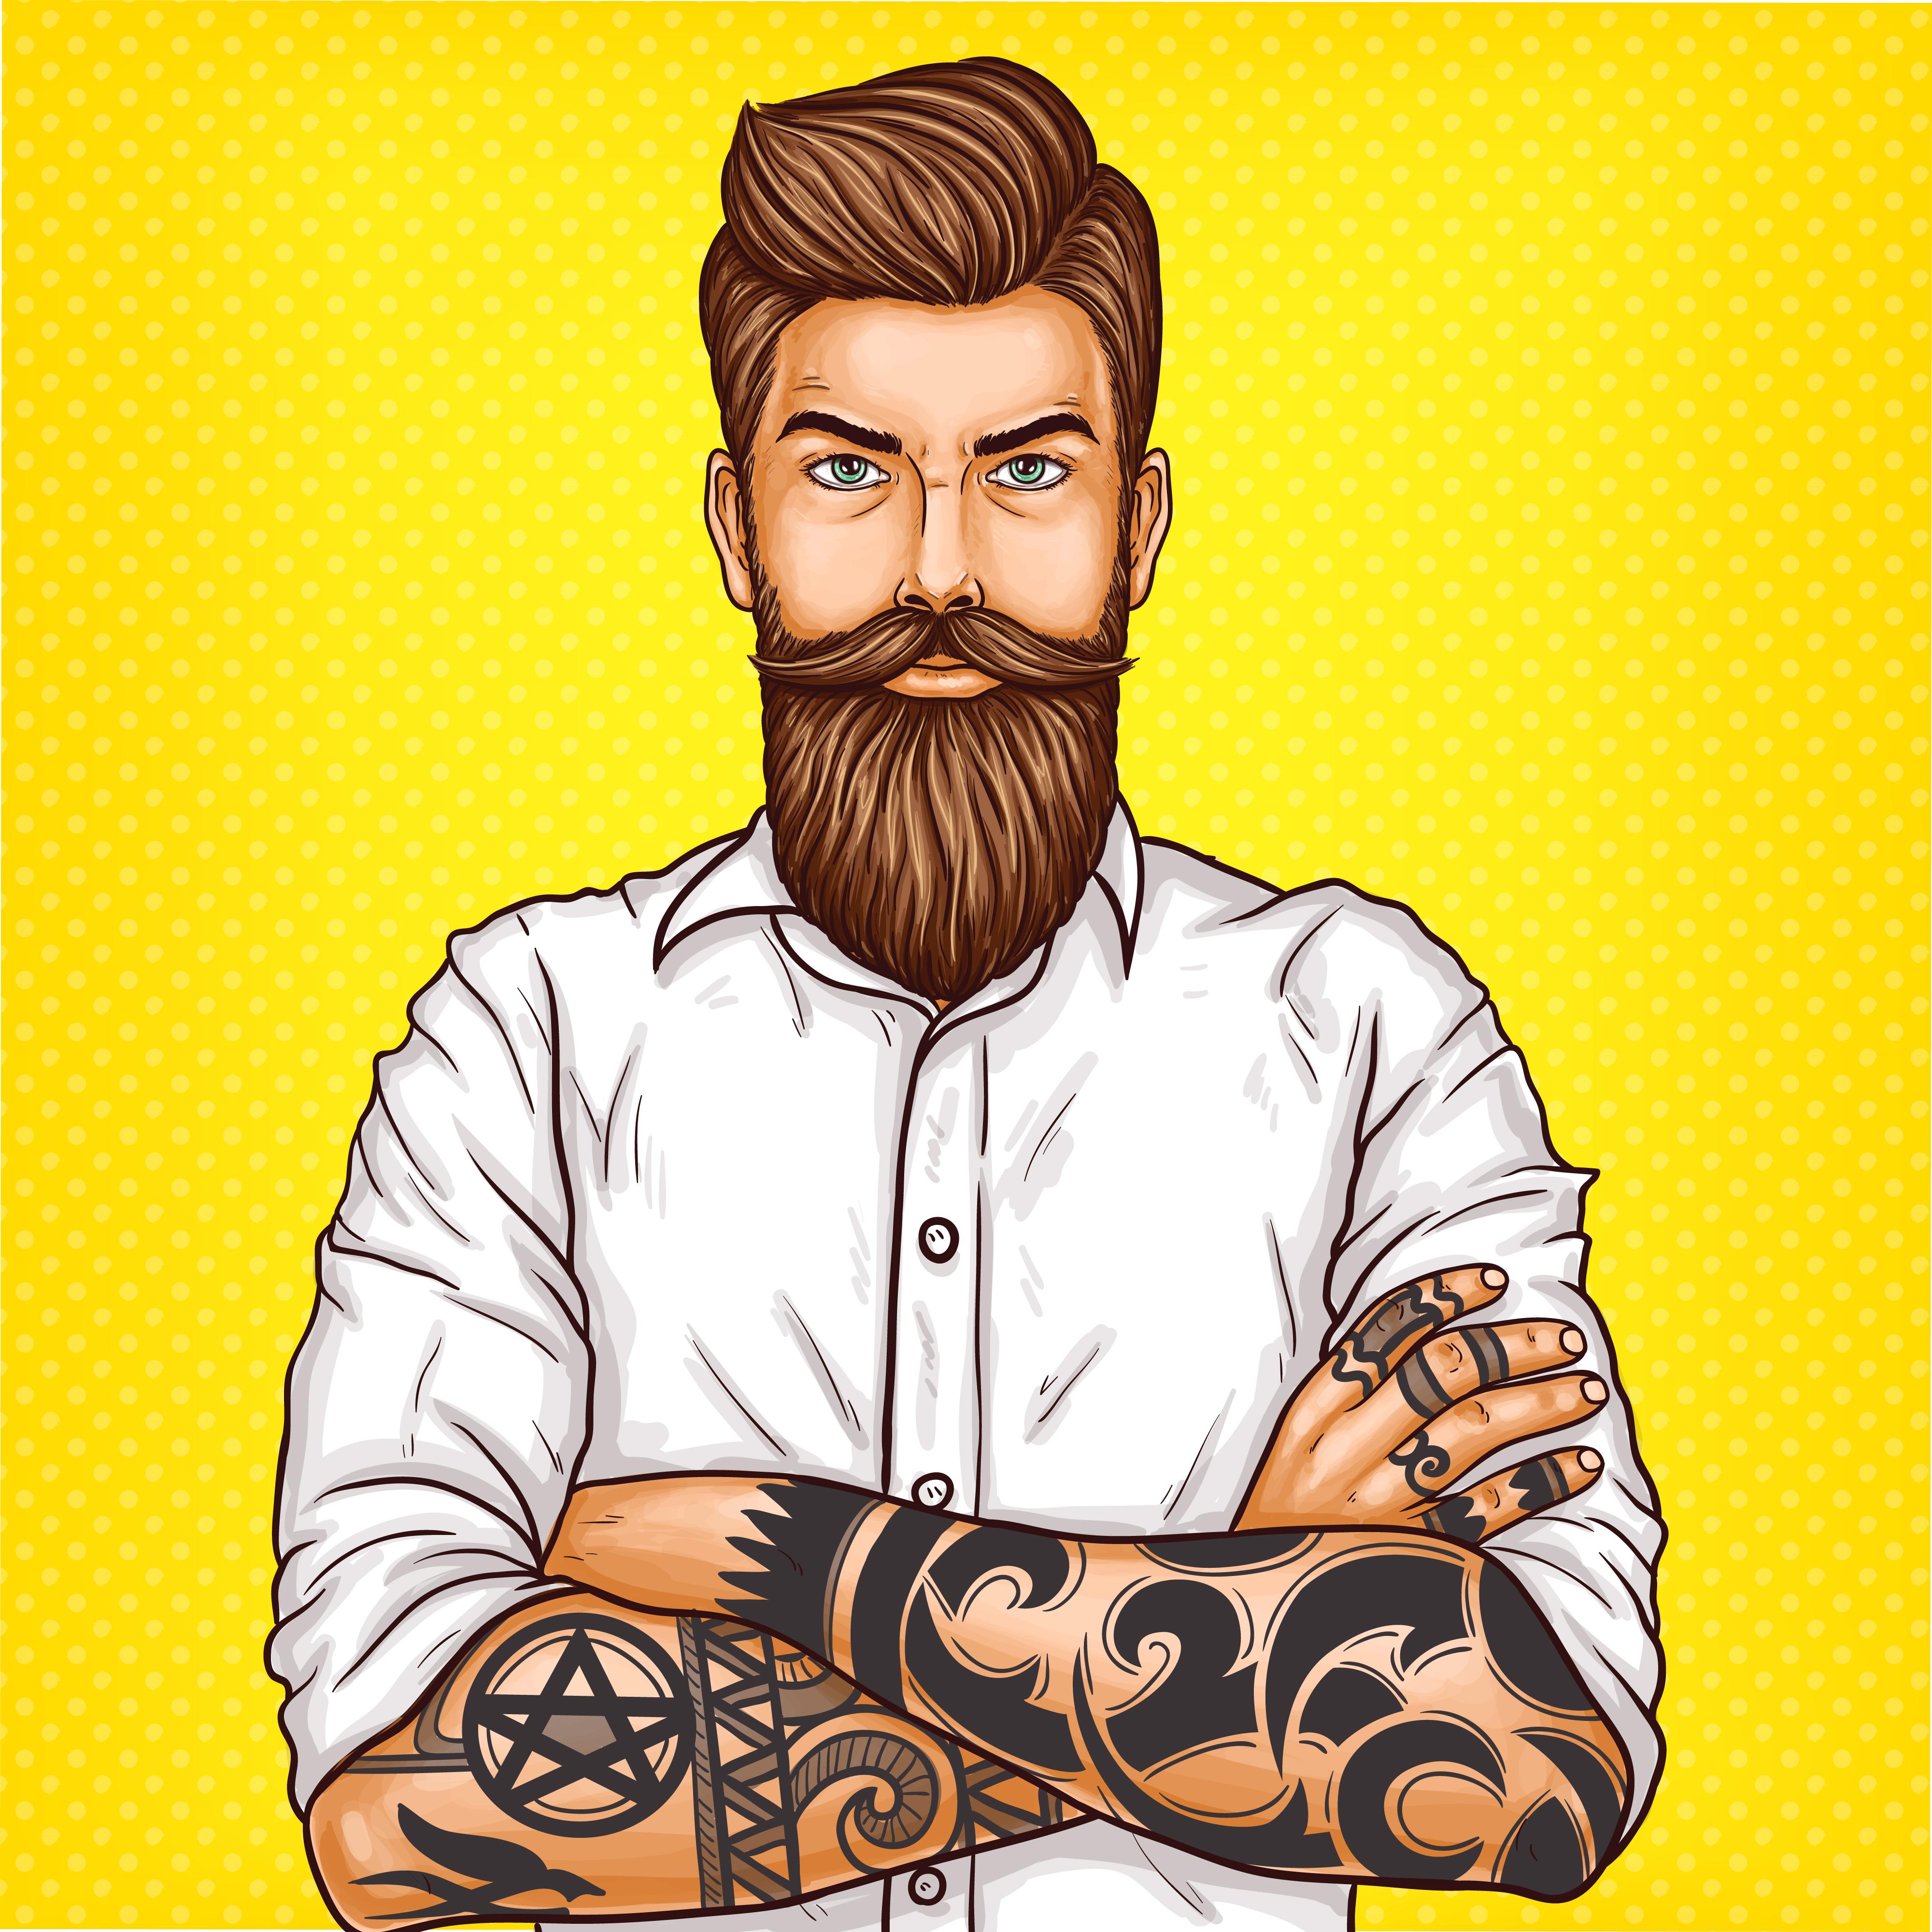 Tetovaže izgubljene u prijevodu – urnebesne tetovaže slavnih osoba